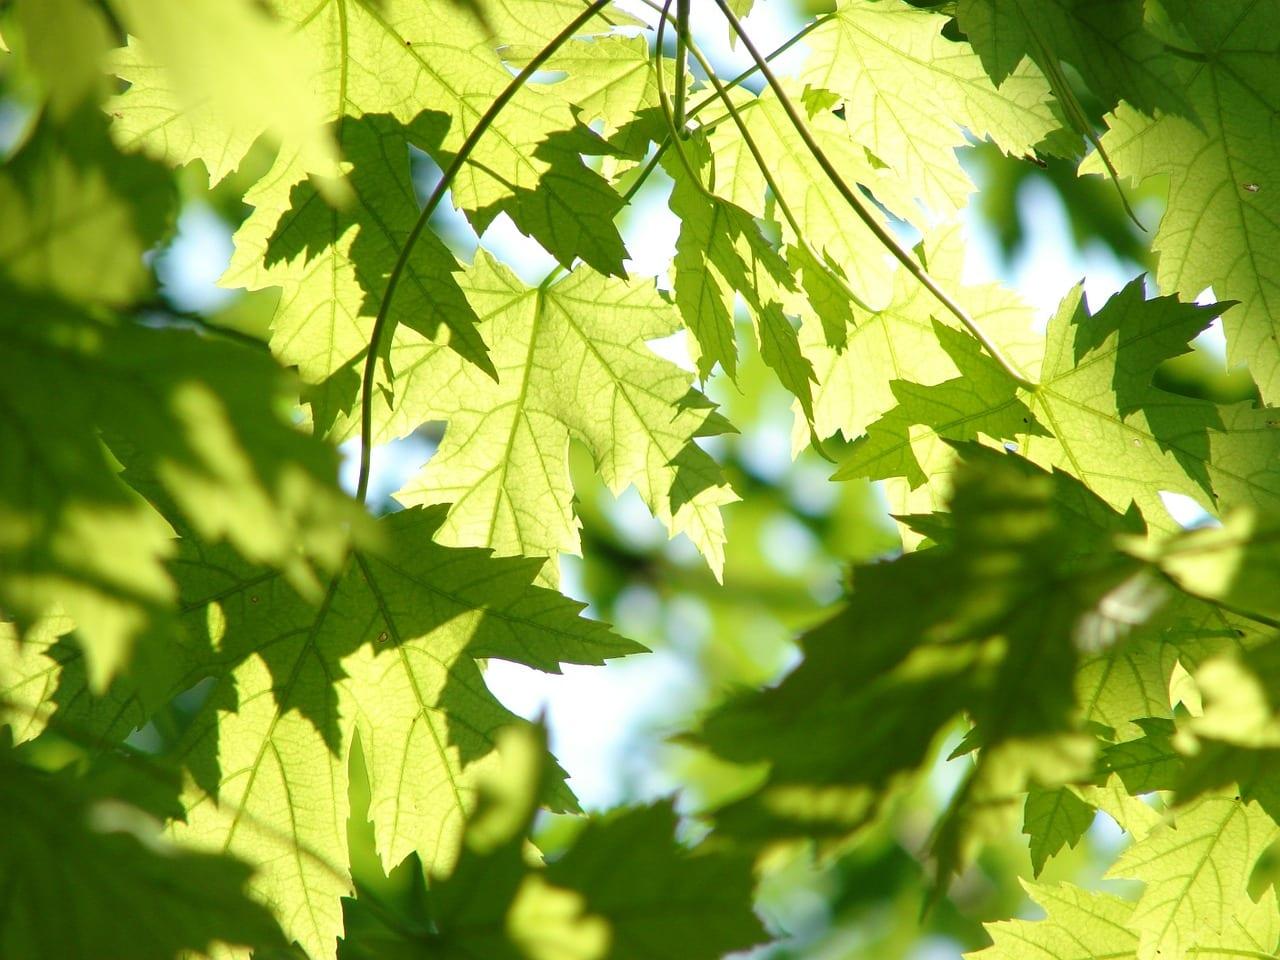 Perché le piante sono verdi? Devono proteggersi da repentini cambi di luce, ma c'è di più...